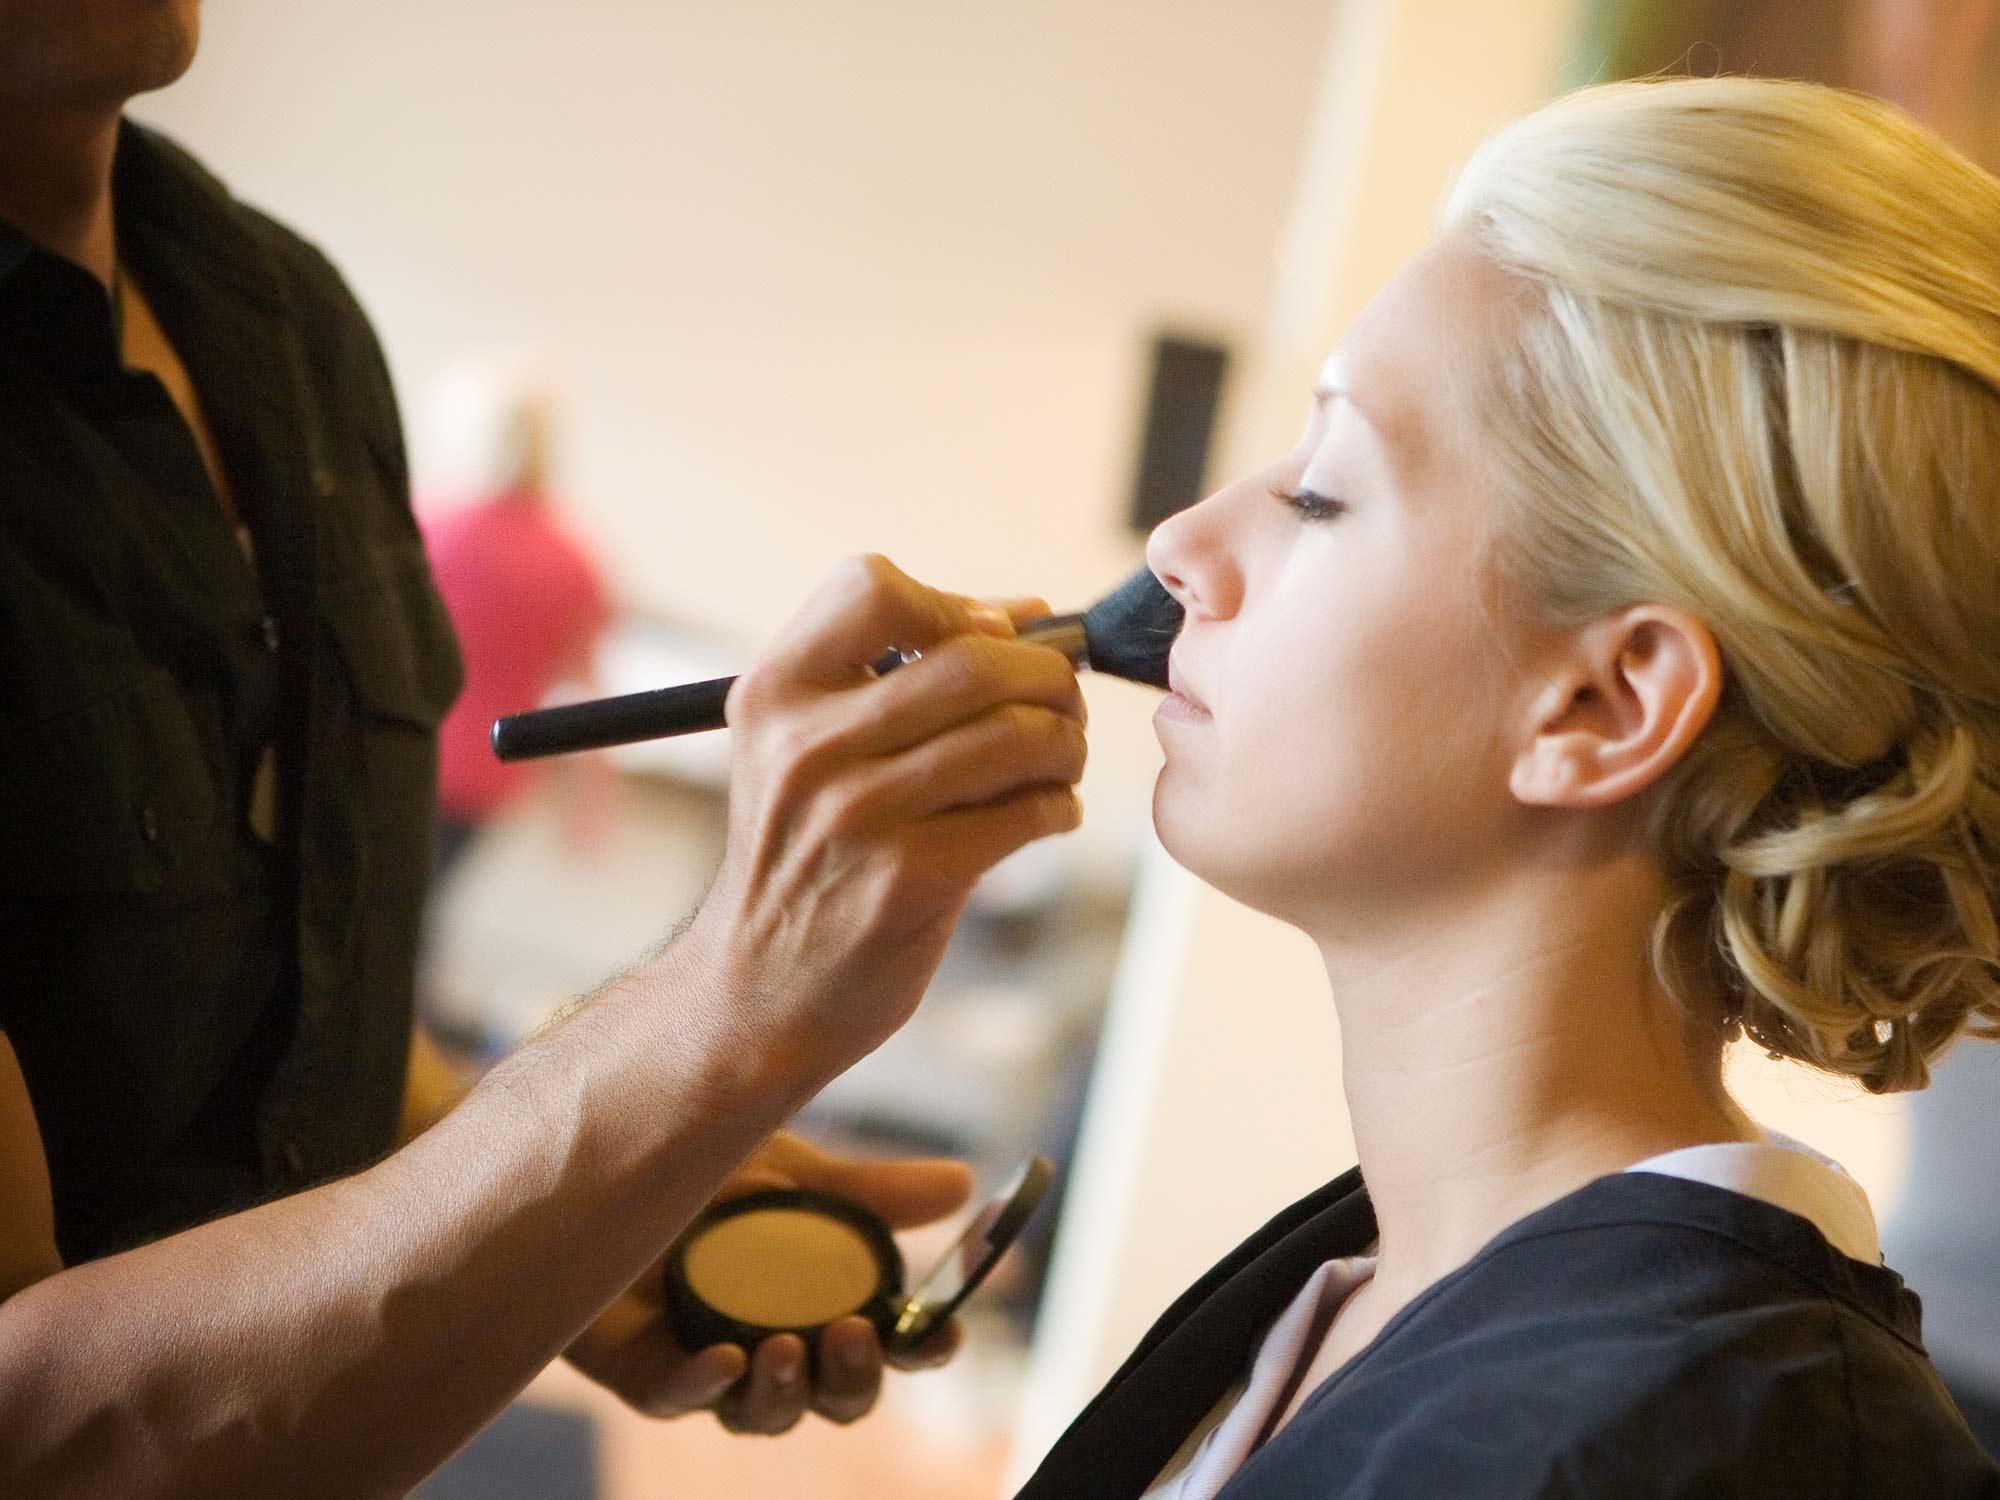 Raydiance Salon Mankato Makeup Application